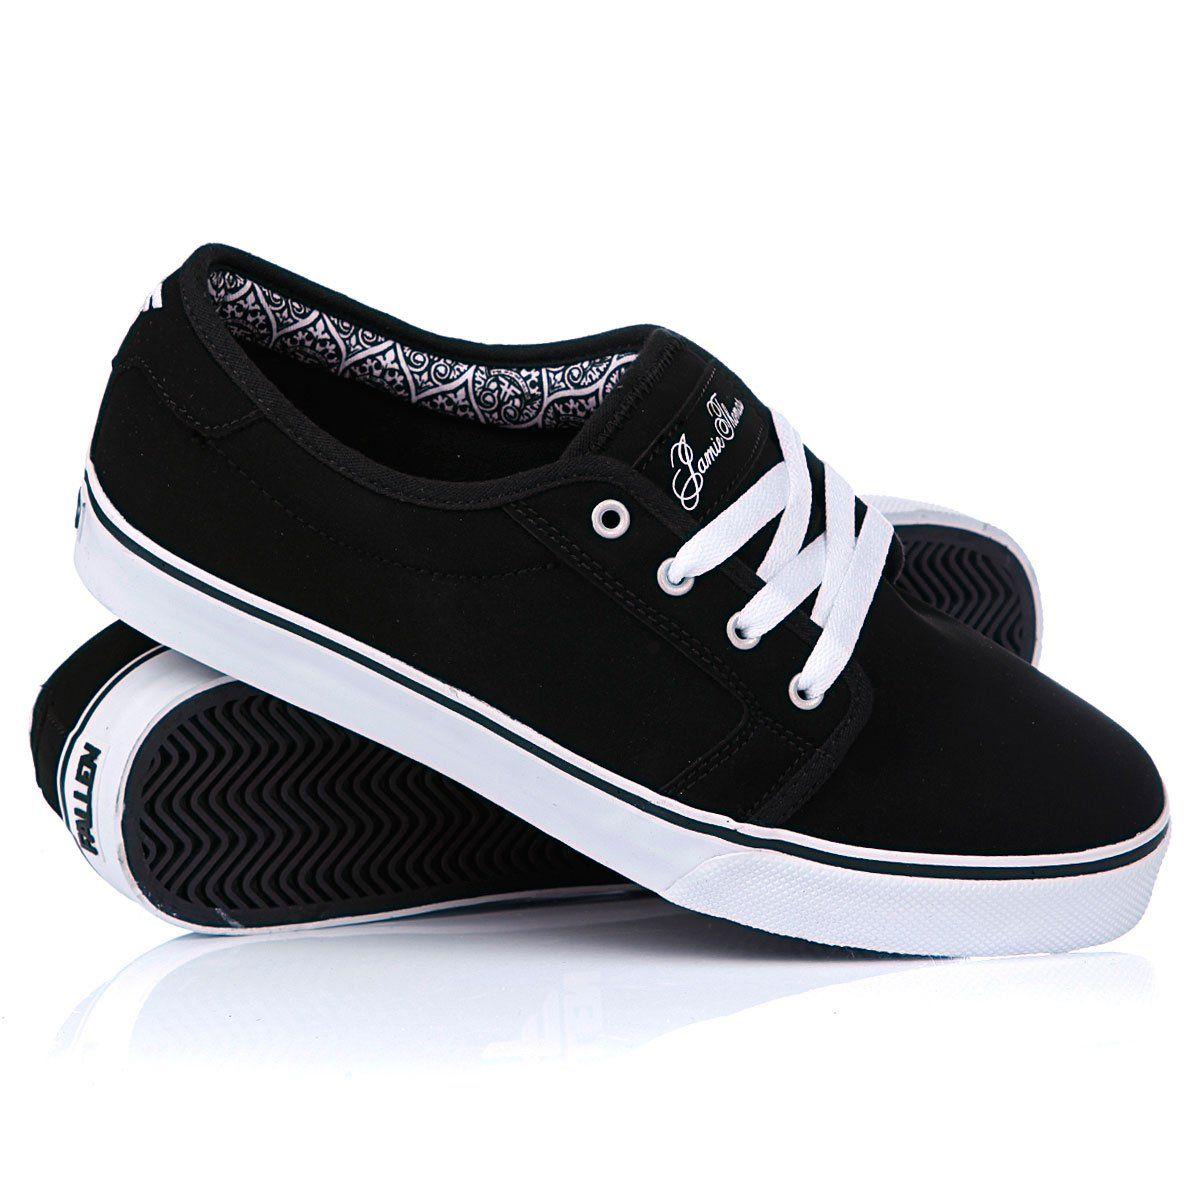 Fallen Skateboard Shoes Forte Jamie Thomas Saddle Brown / Khaki, número de zapato:42